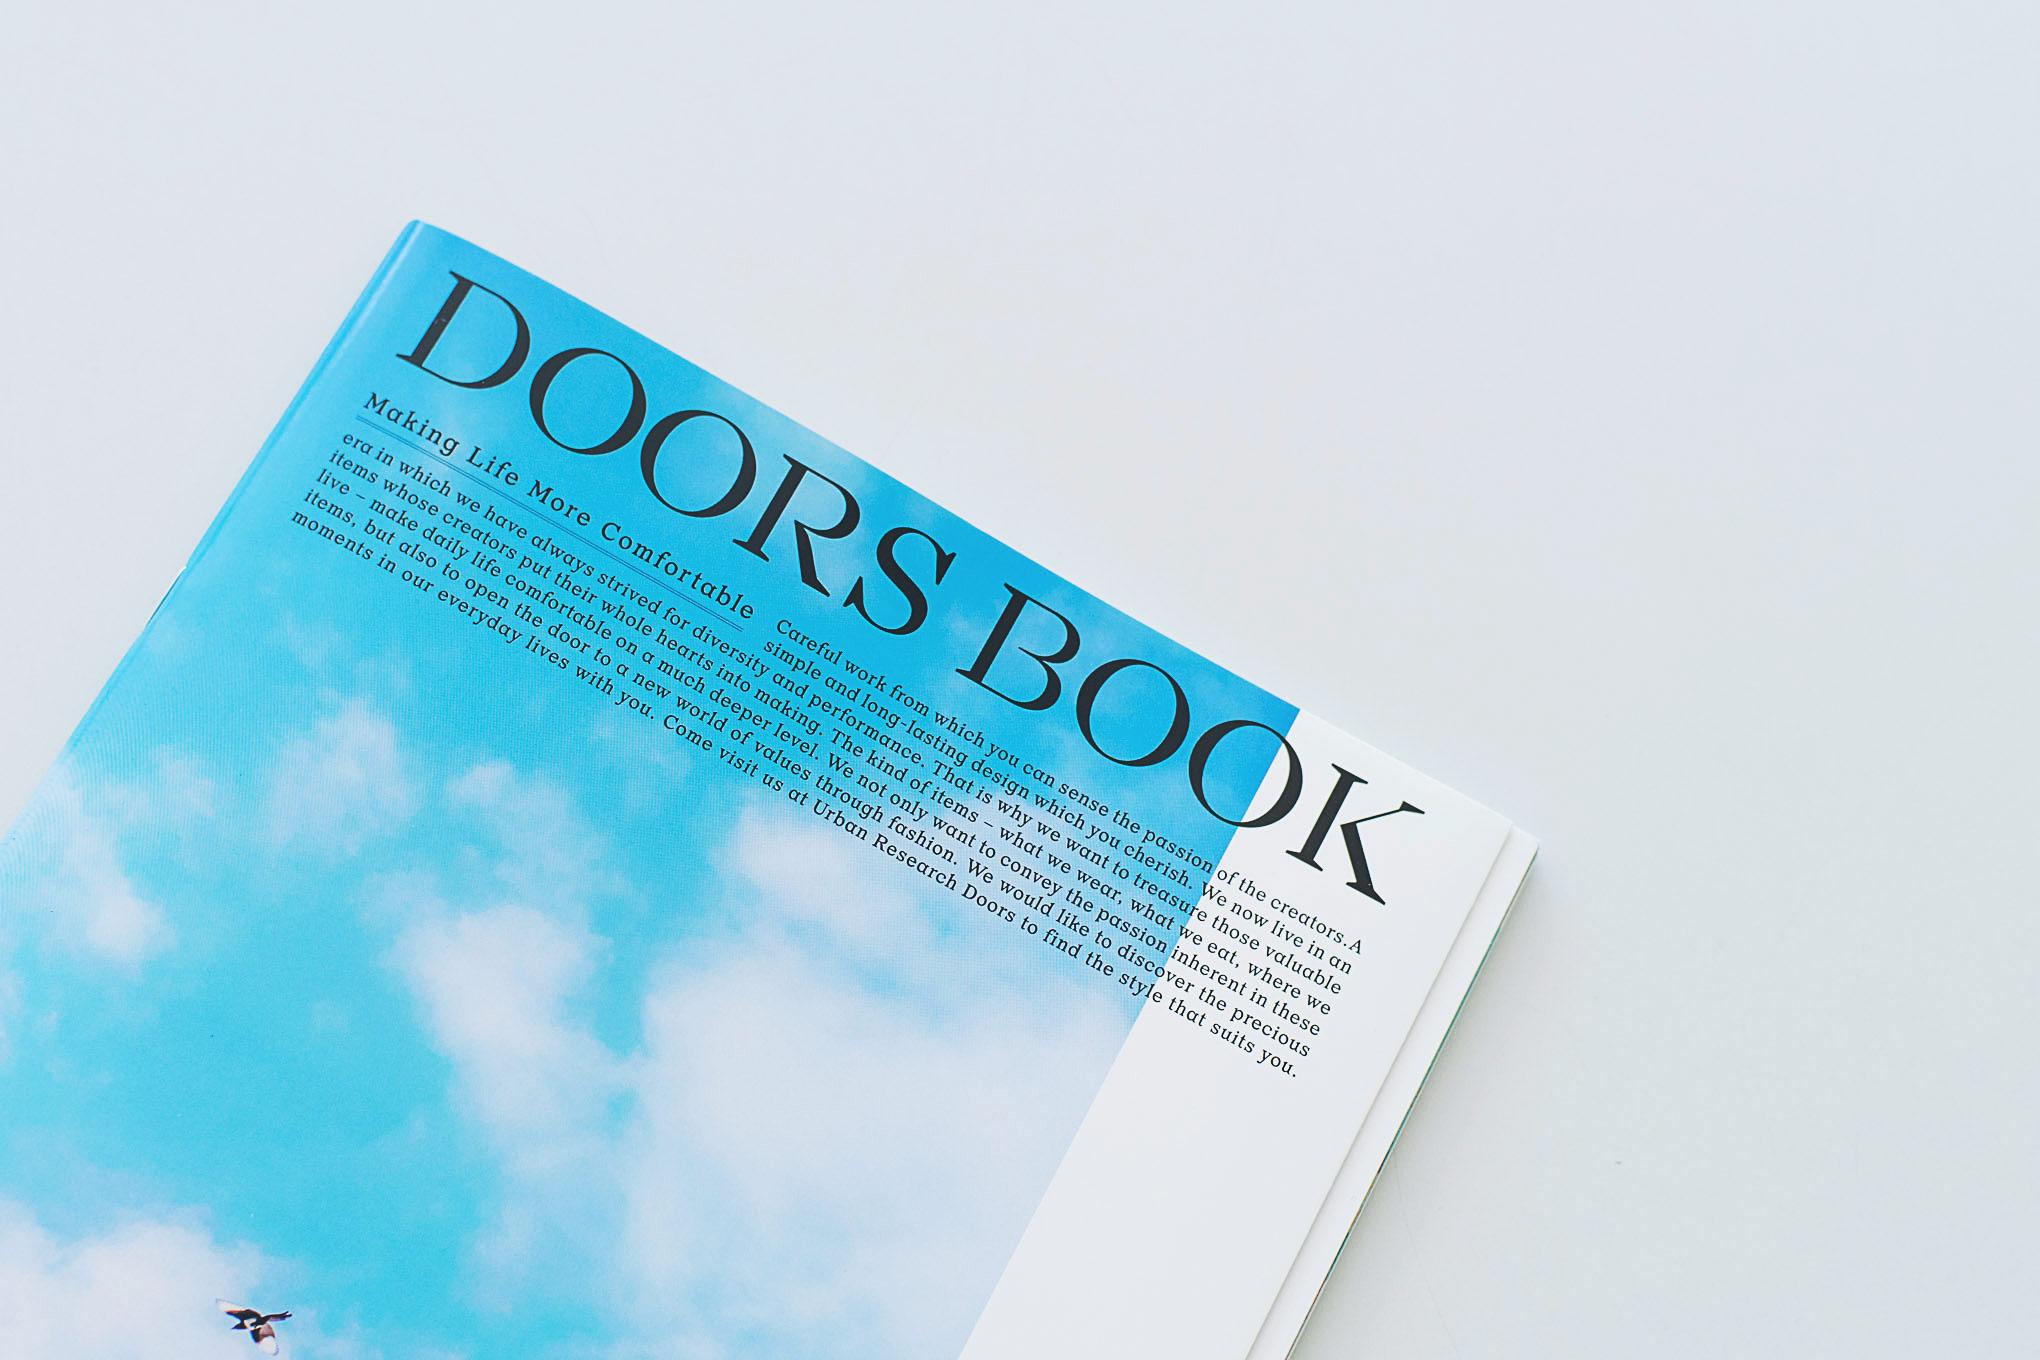 【掲載】アーバンリサーチ様2020年春夏カタログで取材していただきました